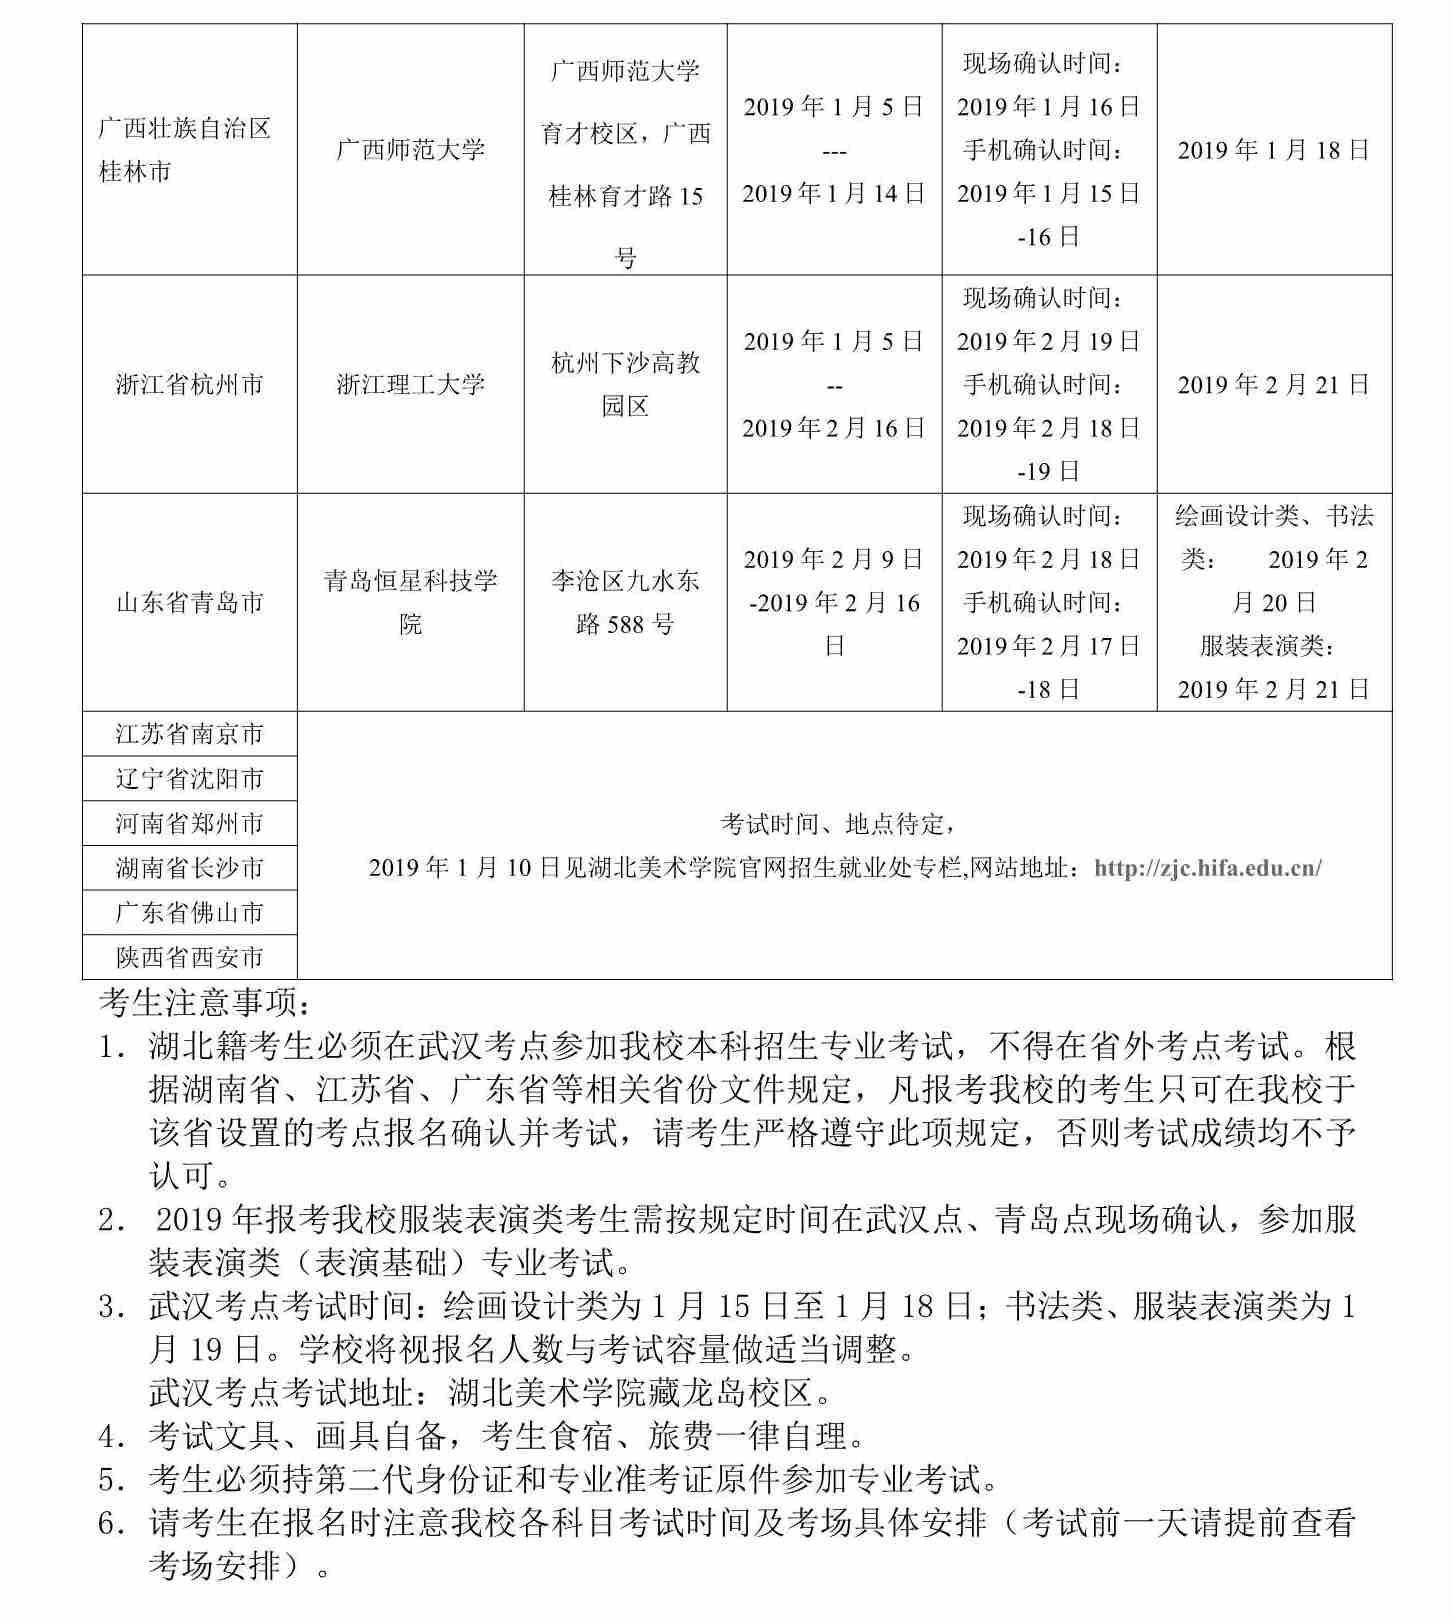 台灣美術學院2019年通俗本科招生簡章圖片06